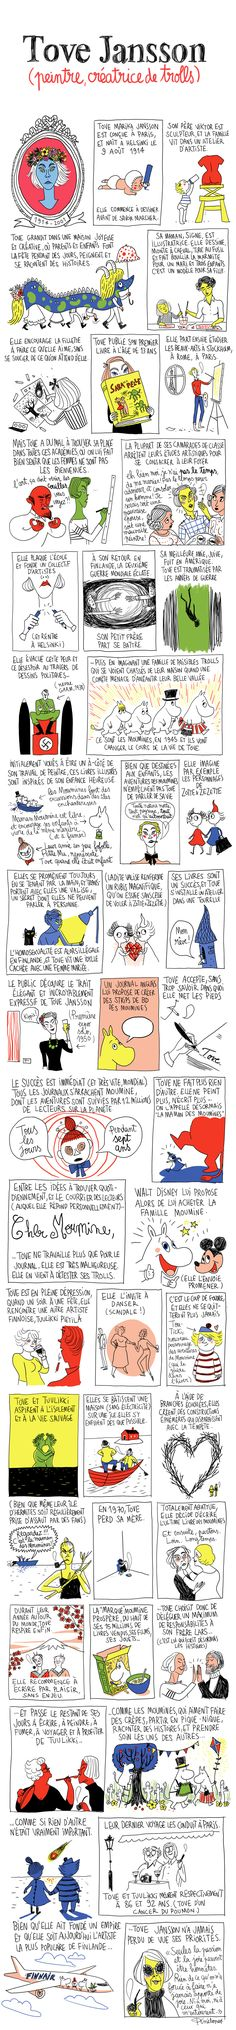 Tove Jansson (peintre, créatrice de trolls) - Pénélope Bagieu, les Culottées